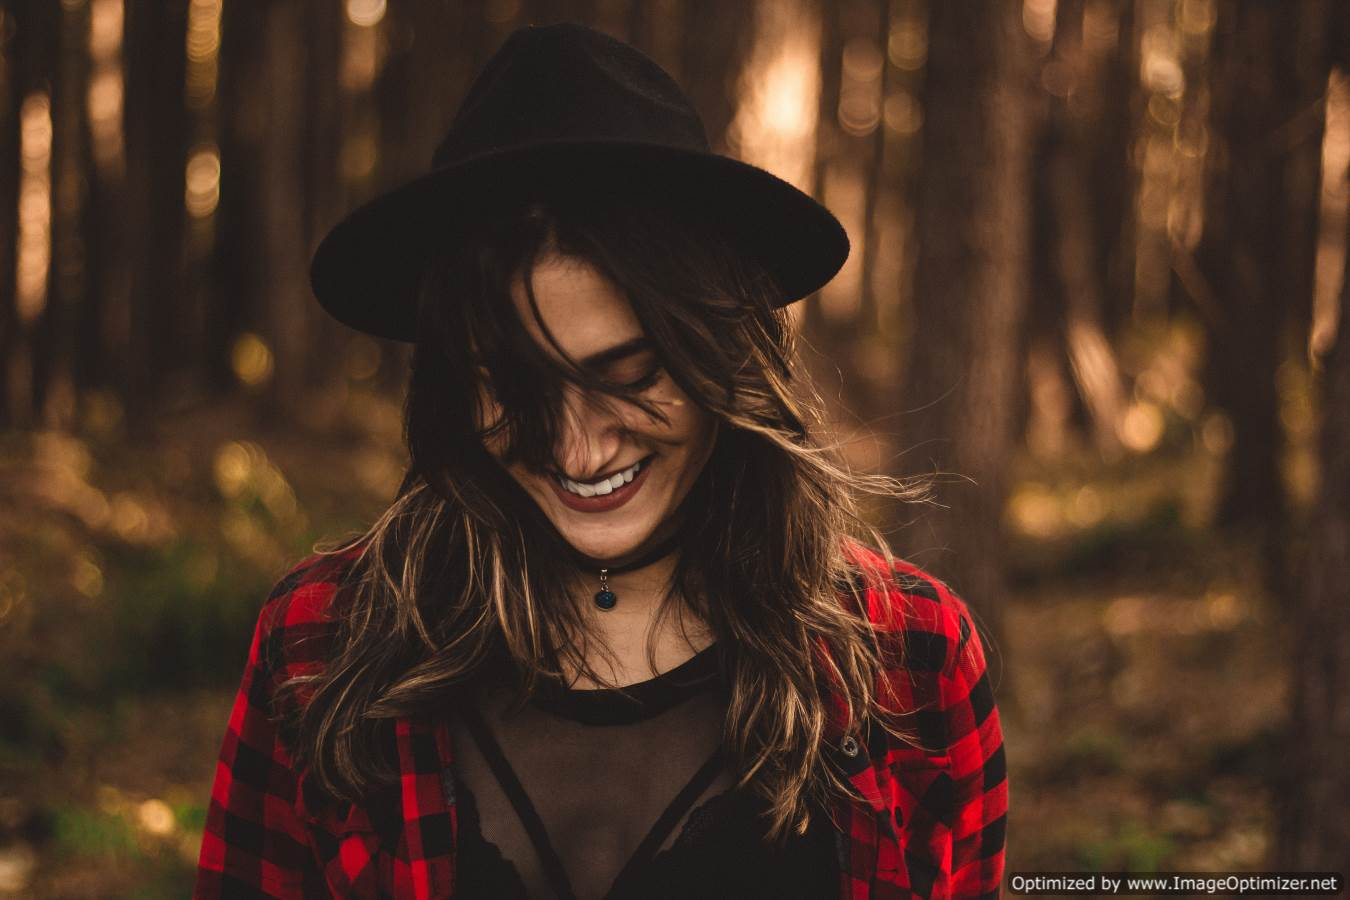 بالصور صور بنات بتضحك , ابتسامة الفتيات تجعل الصور احلى واروع 6671 4